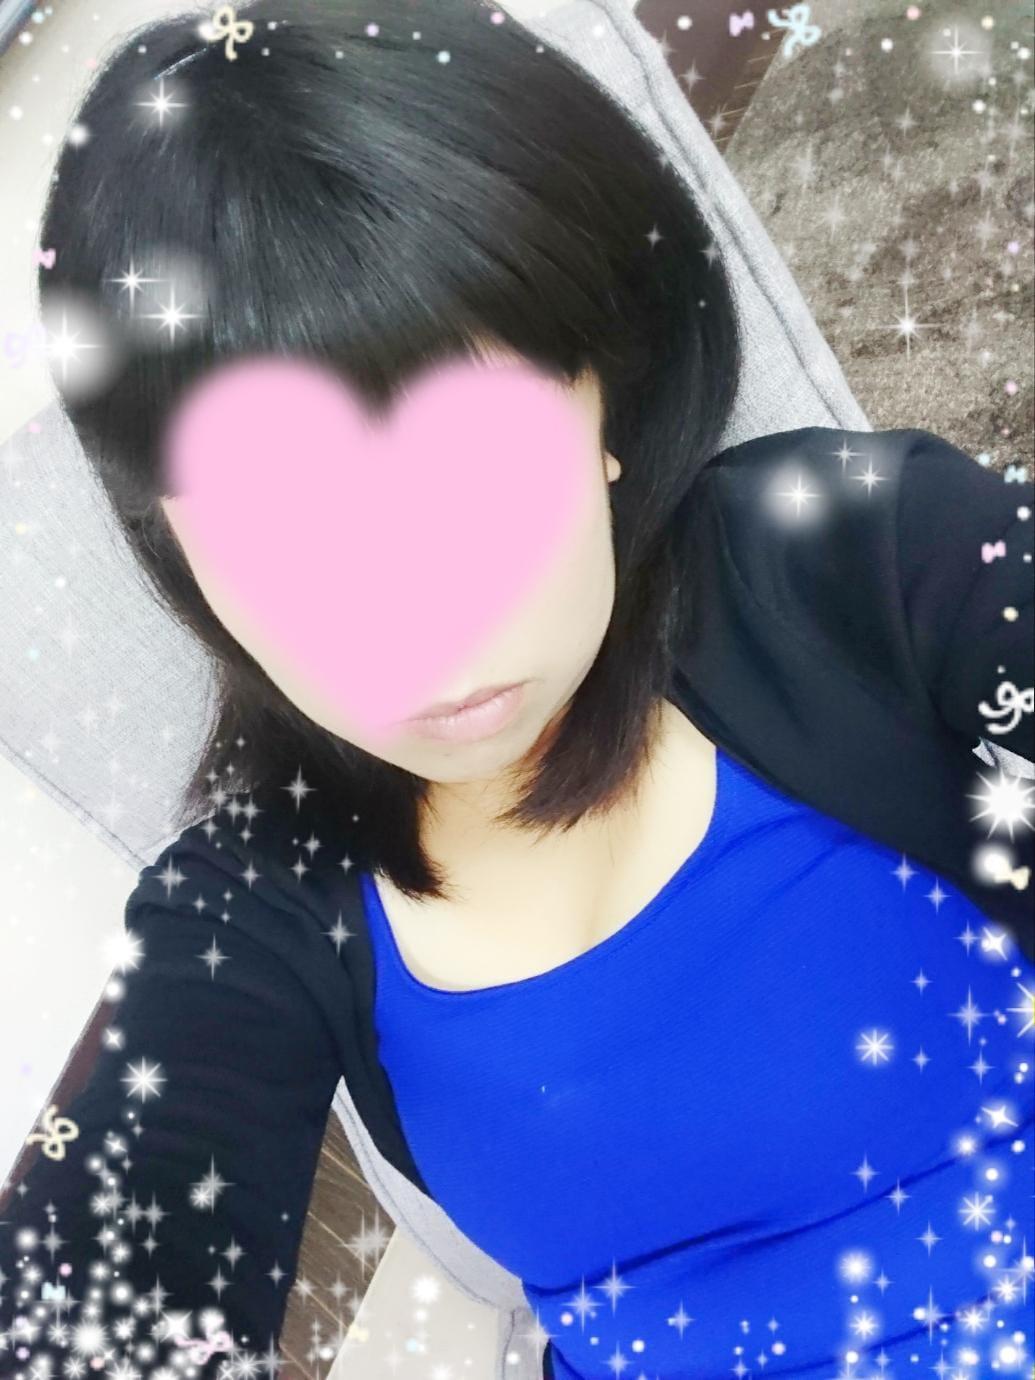 「みくでございま〜すO(≧∇≦)O」07/21(土) 17:14 | みくの写メ・風俗動画